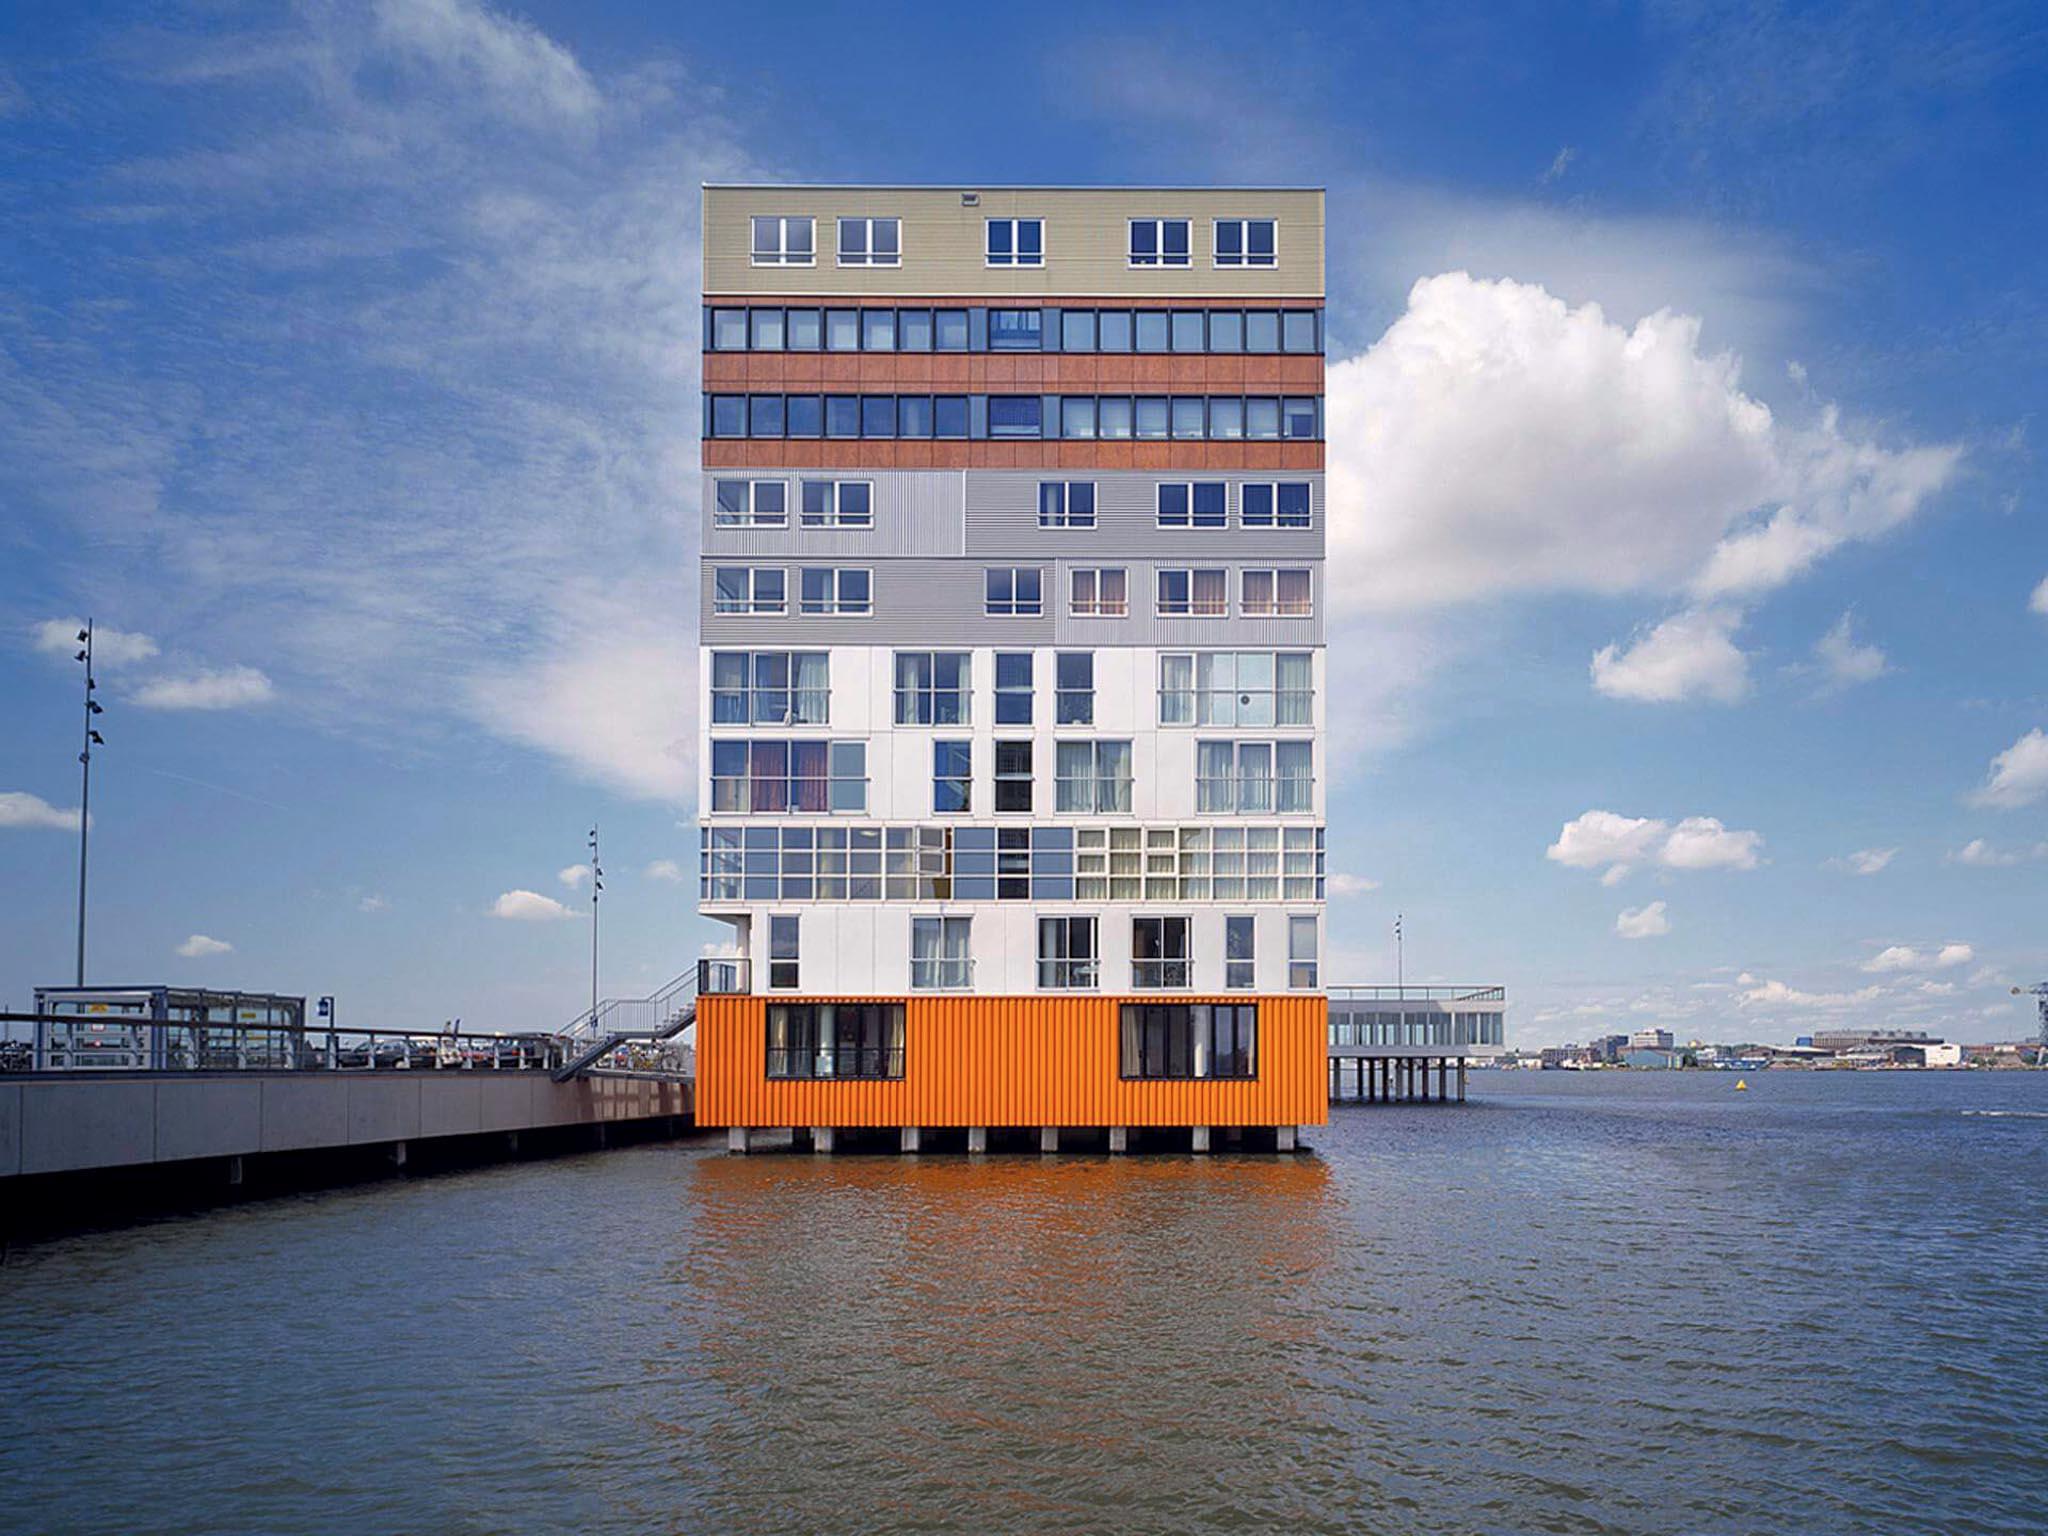 DoCentra architektury aměstského plánování (CAMP) se vrací přednáškový cyklus svýznamnými osobnostmi.